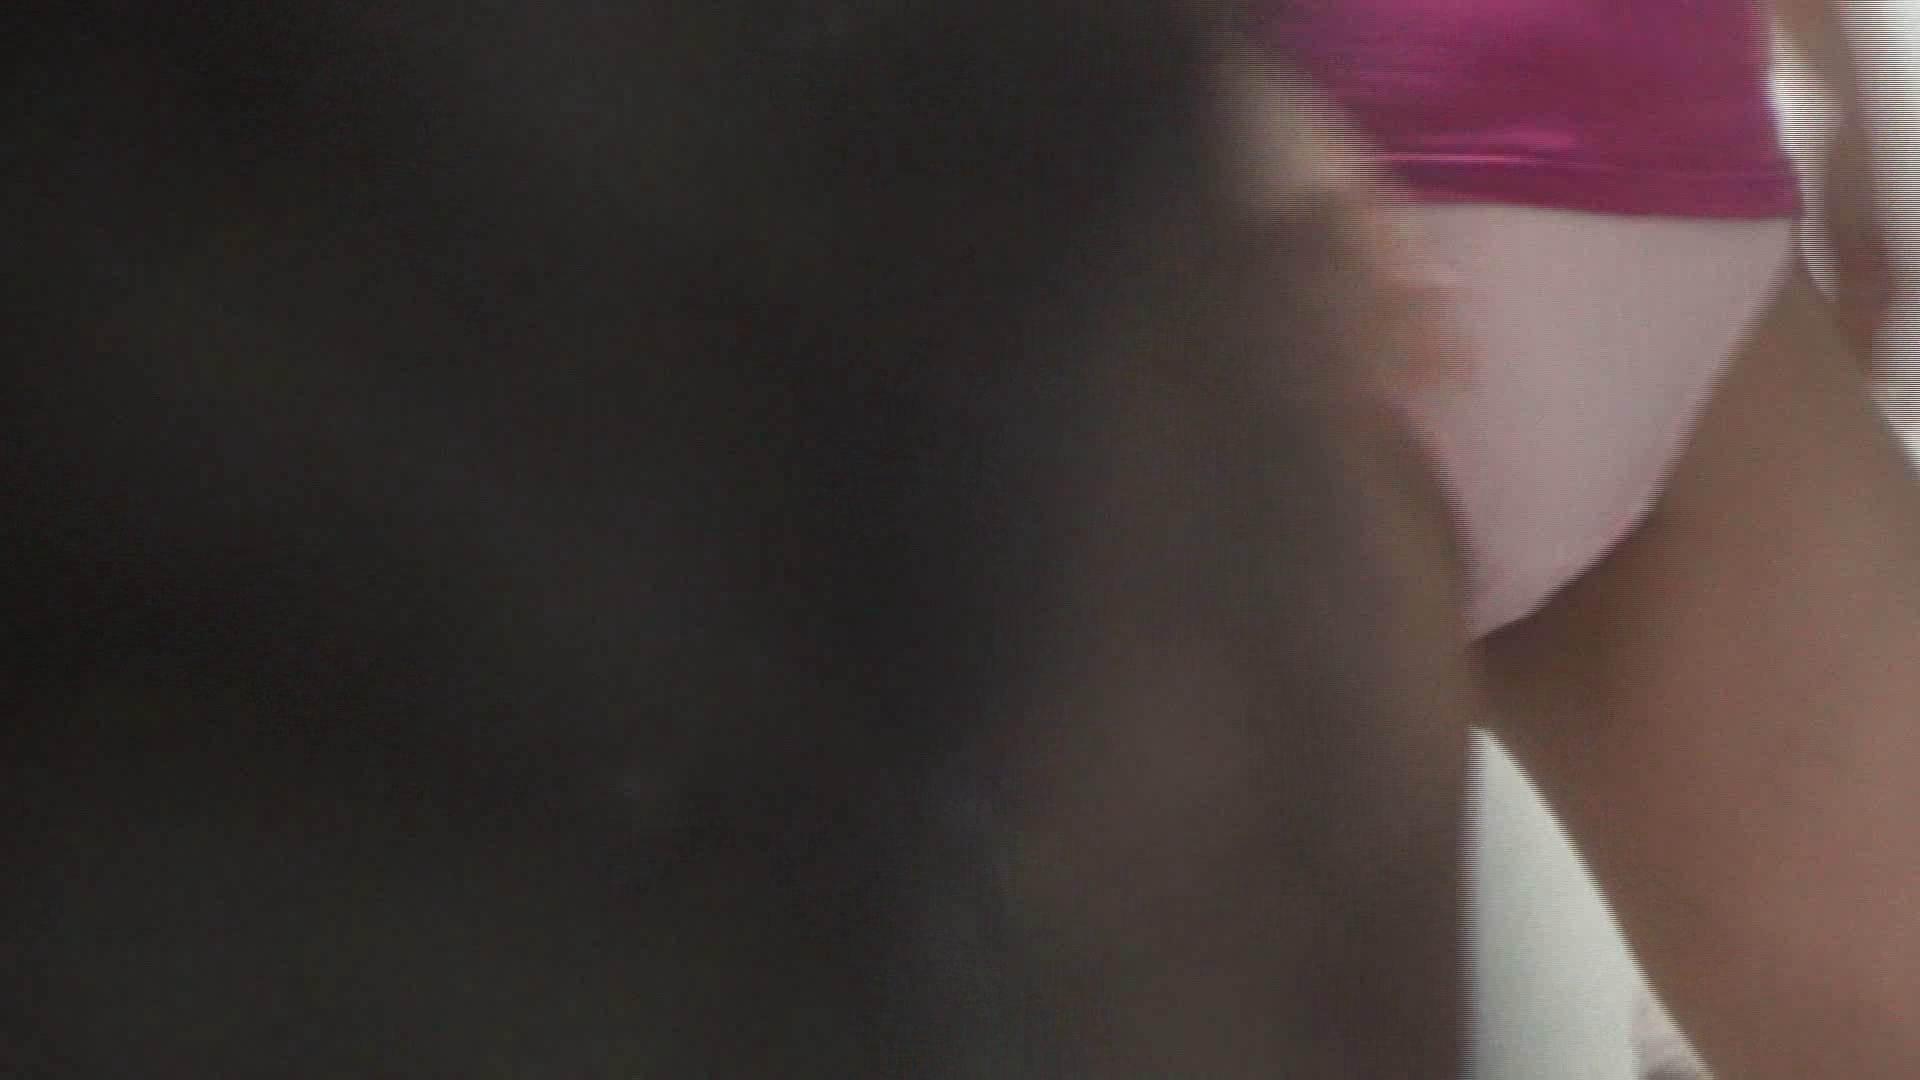 【05】仕事が忙しくて・・・久しぶりにベランダで待ち伏せ 盗撮 | オマンコ  89PIX 5